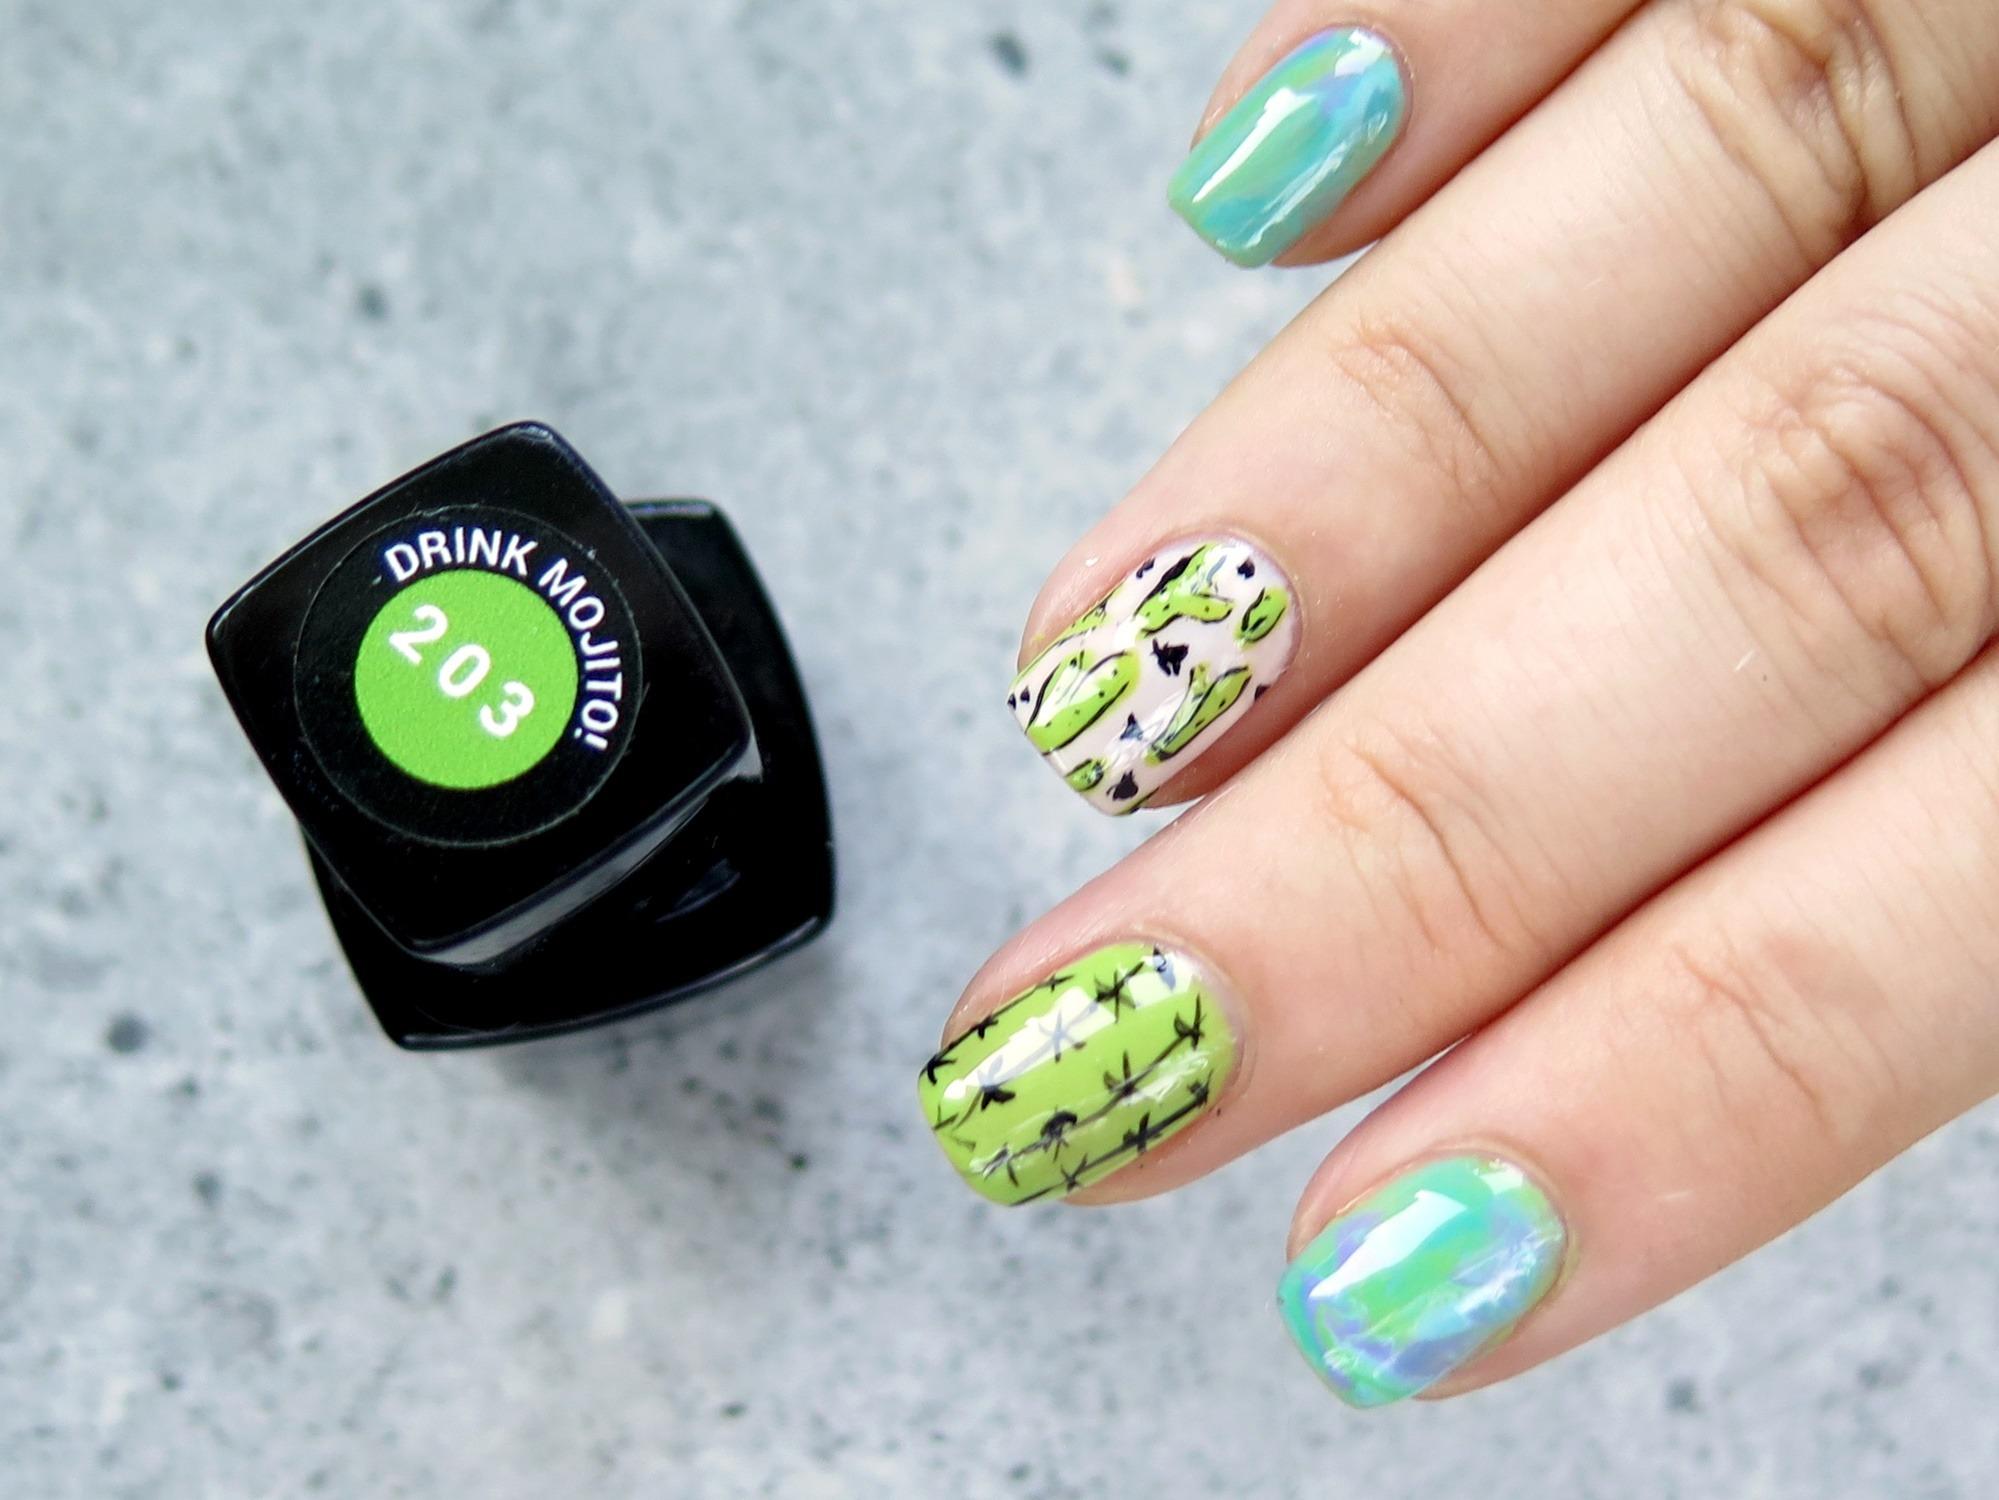 paznokcie zielone w kaktusy wzory